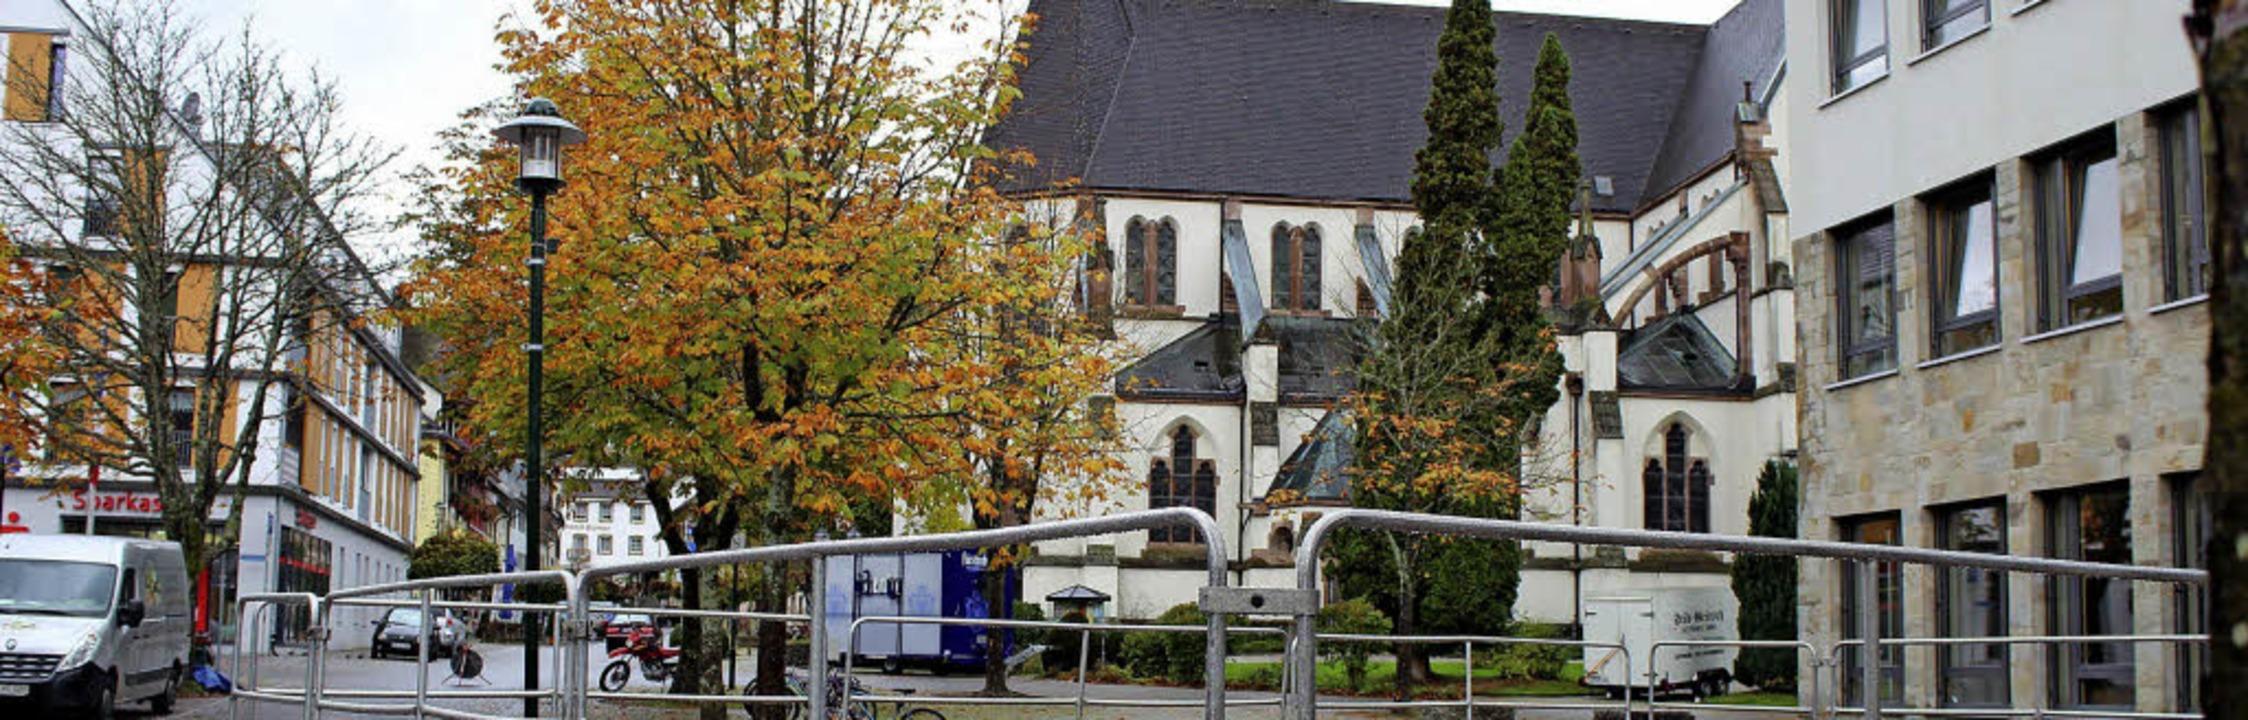 Vor dem Gymnasium (rechts) wird sich Jogi Löw auf einer Bühne zeigen.   | Foto: Jacob